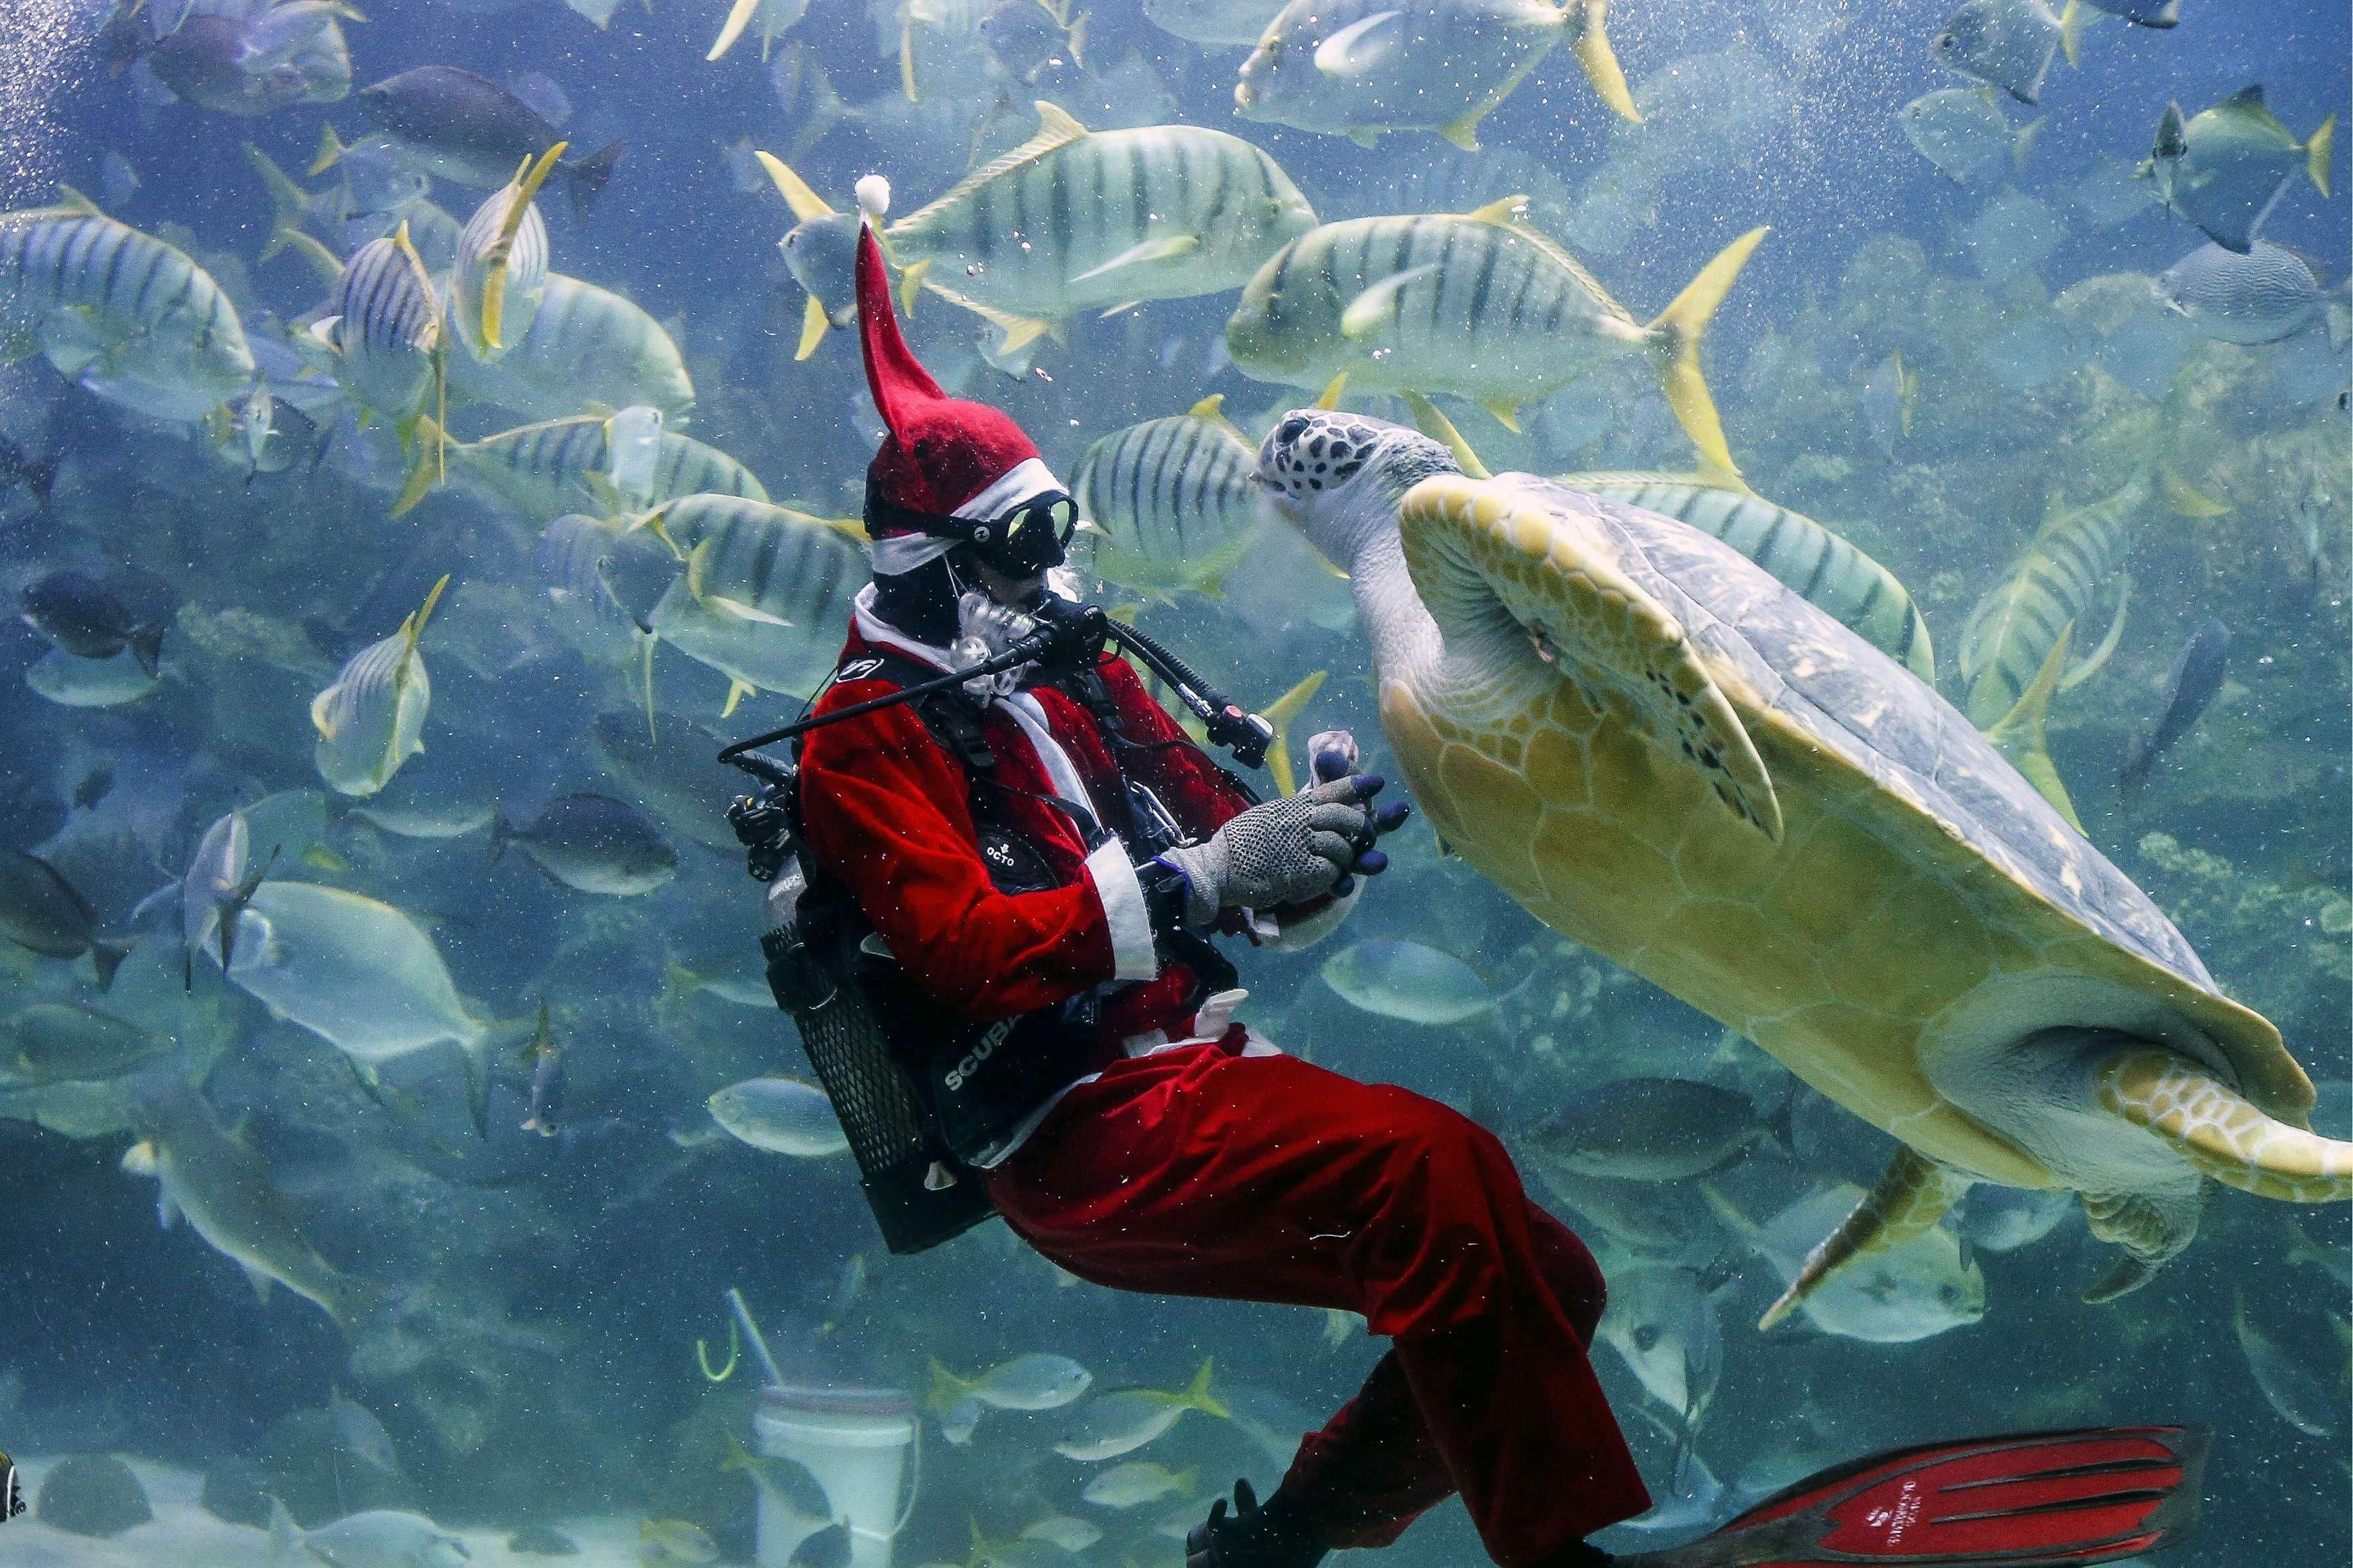 Un buzo vestido de Santa Claus submarino (Papa Noel) alimenta a una tortuga durante un espectáculo en el acuario KLCC de Kuala Lumpur, Malasia. Foto: EFE en español